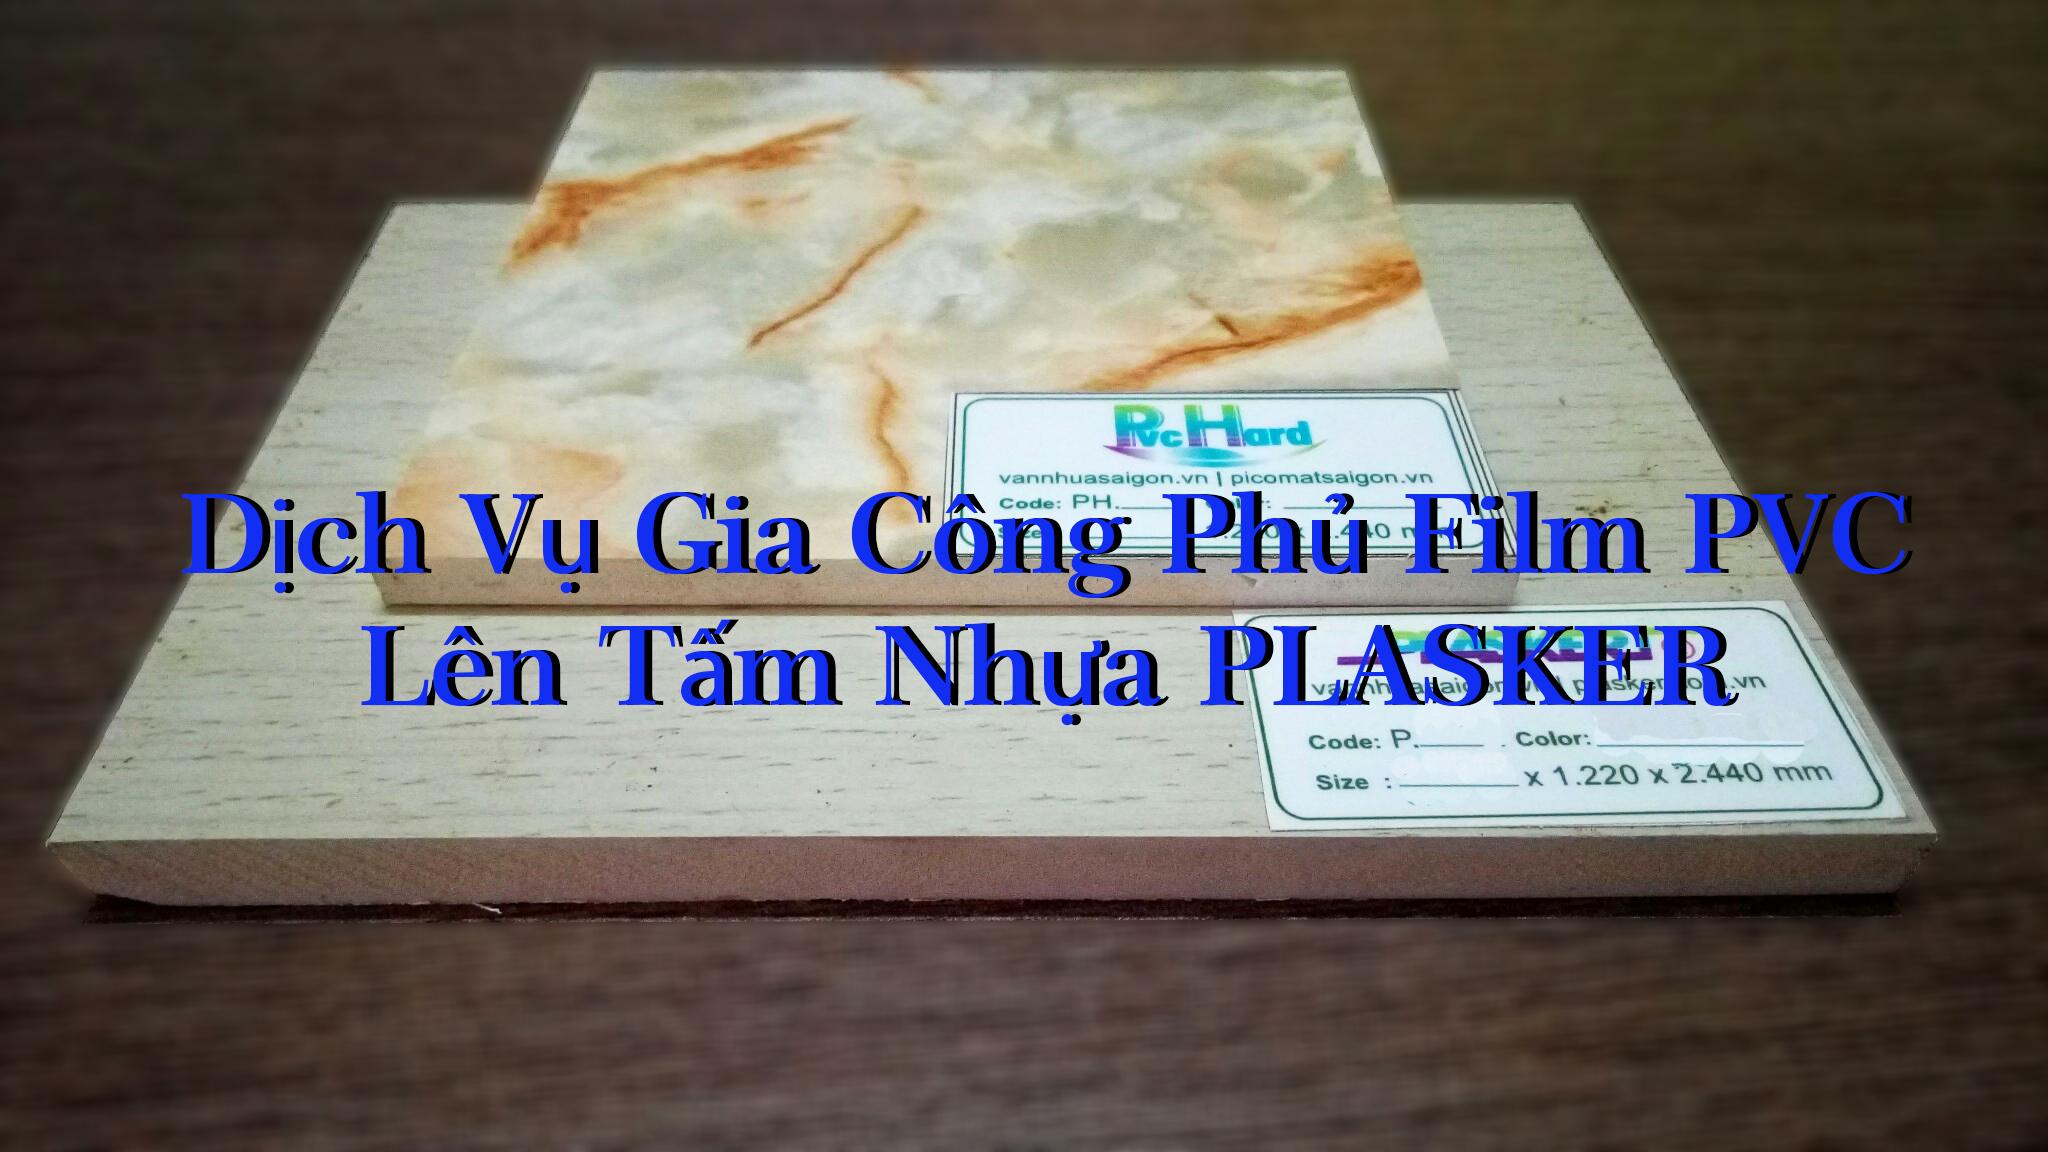 Dịch vụ gia công phủ film pvc trên tấm Plasker